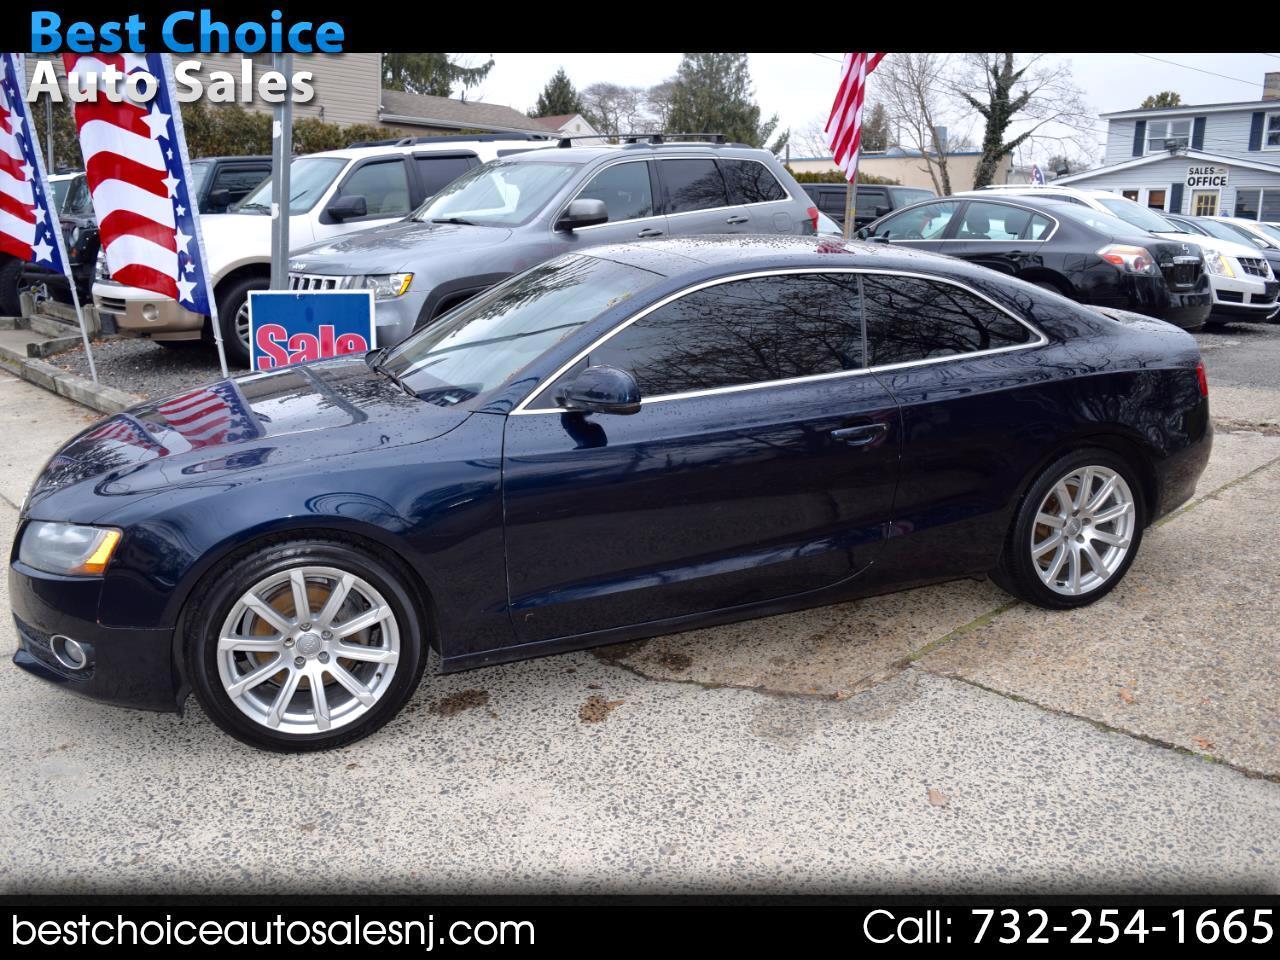 Audi A5 2dr Cpe Auto quattro 2.0T Premium Plus 2011